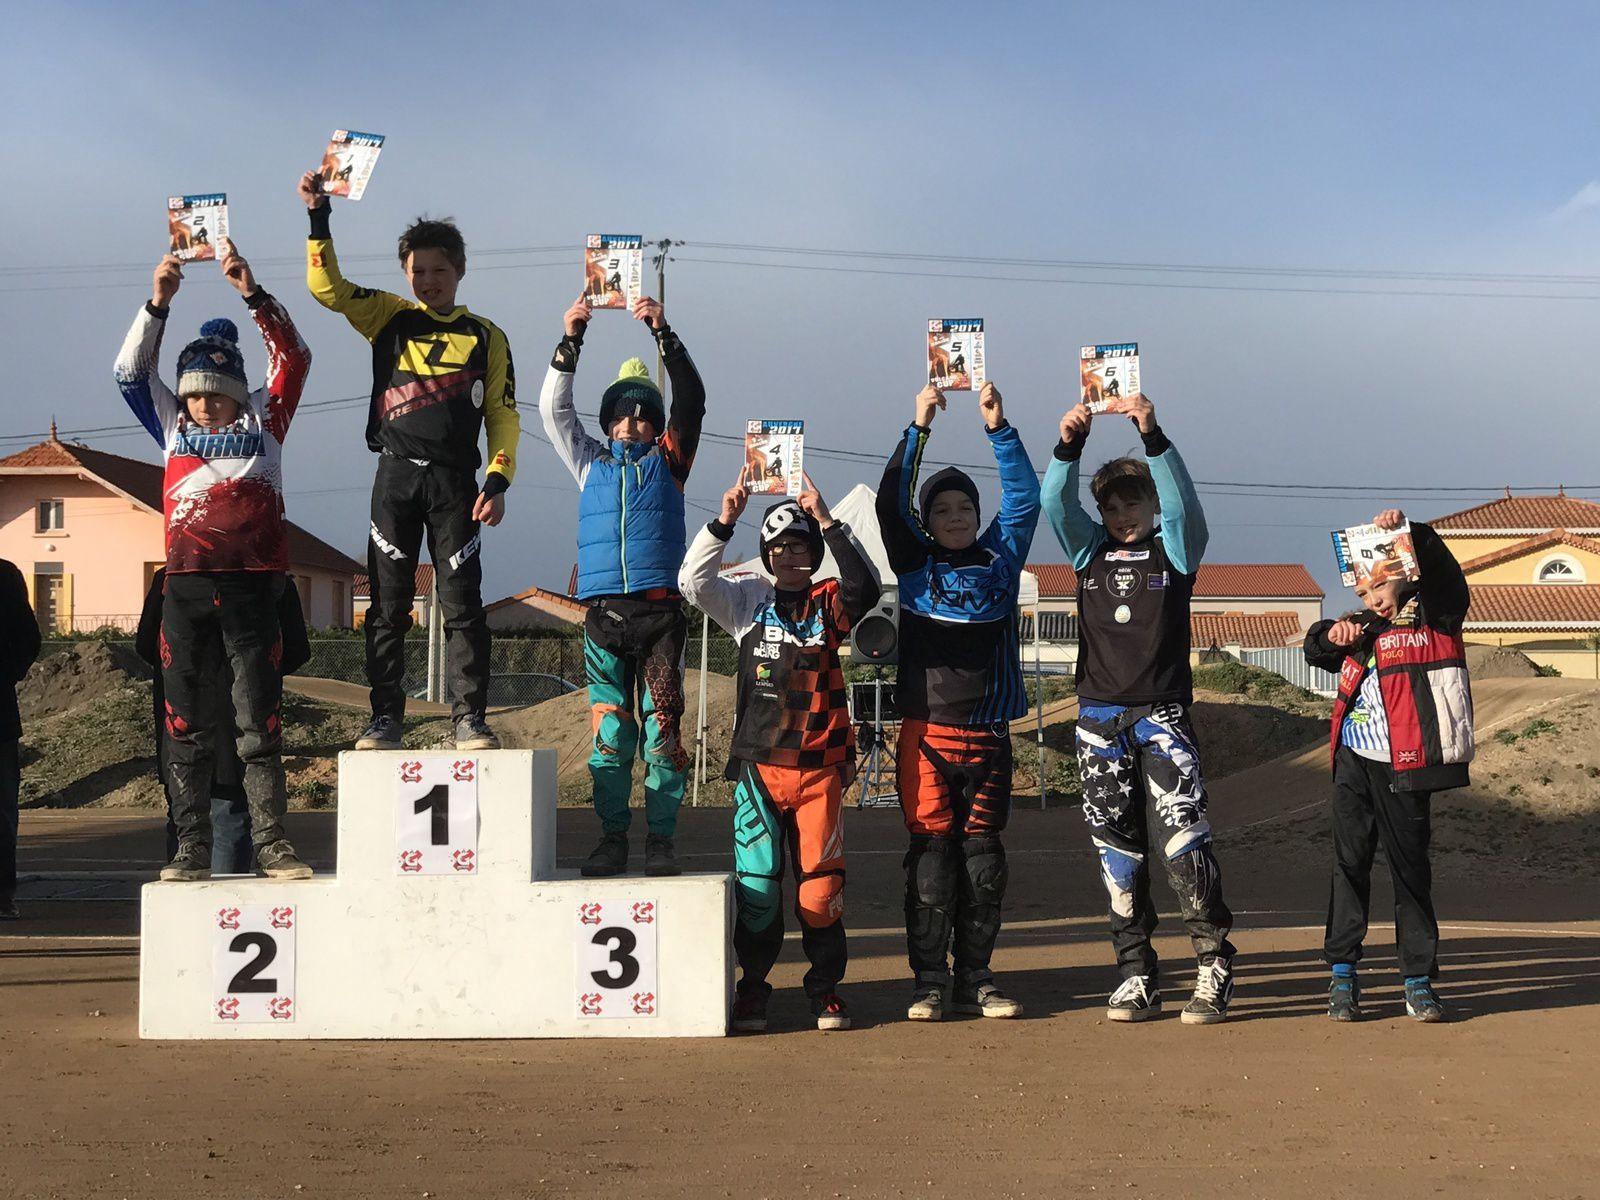 Résultats de la première manche de la vulcano cup à Gerzat, 5 mars